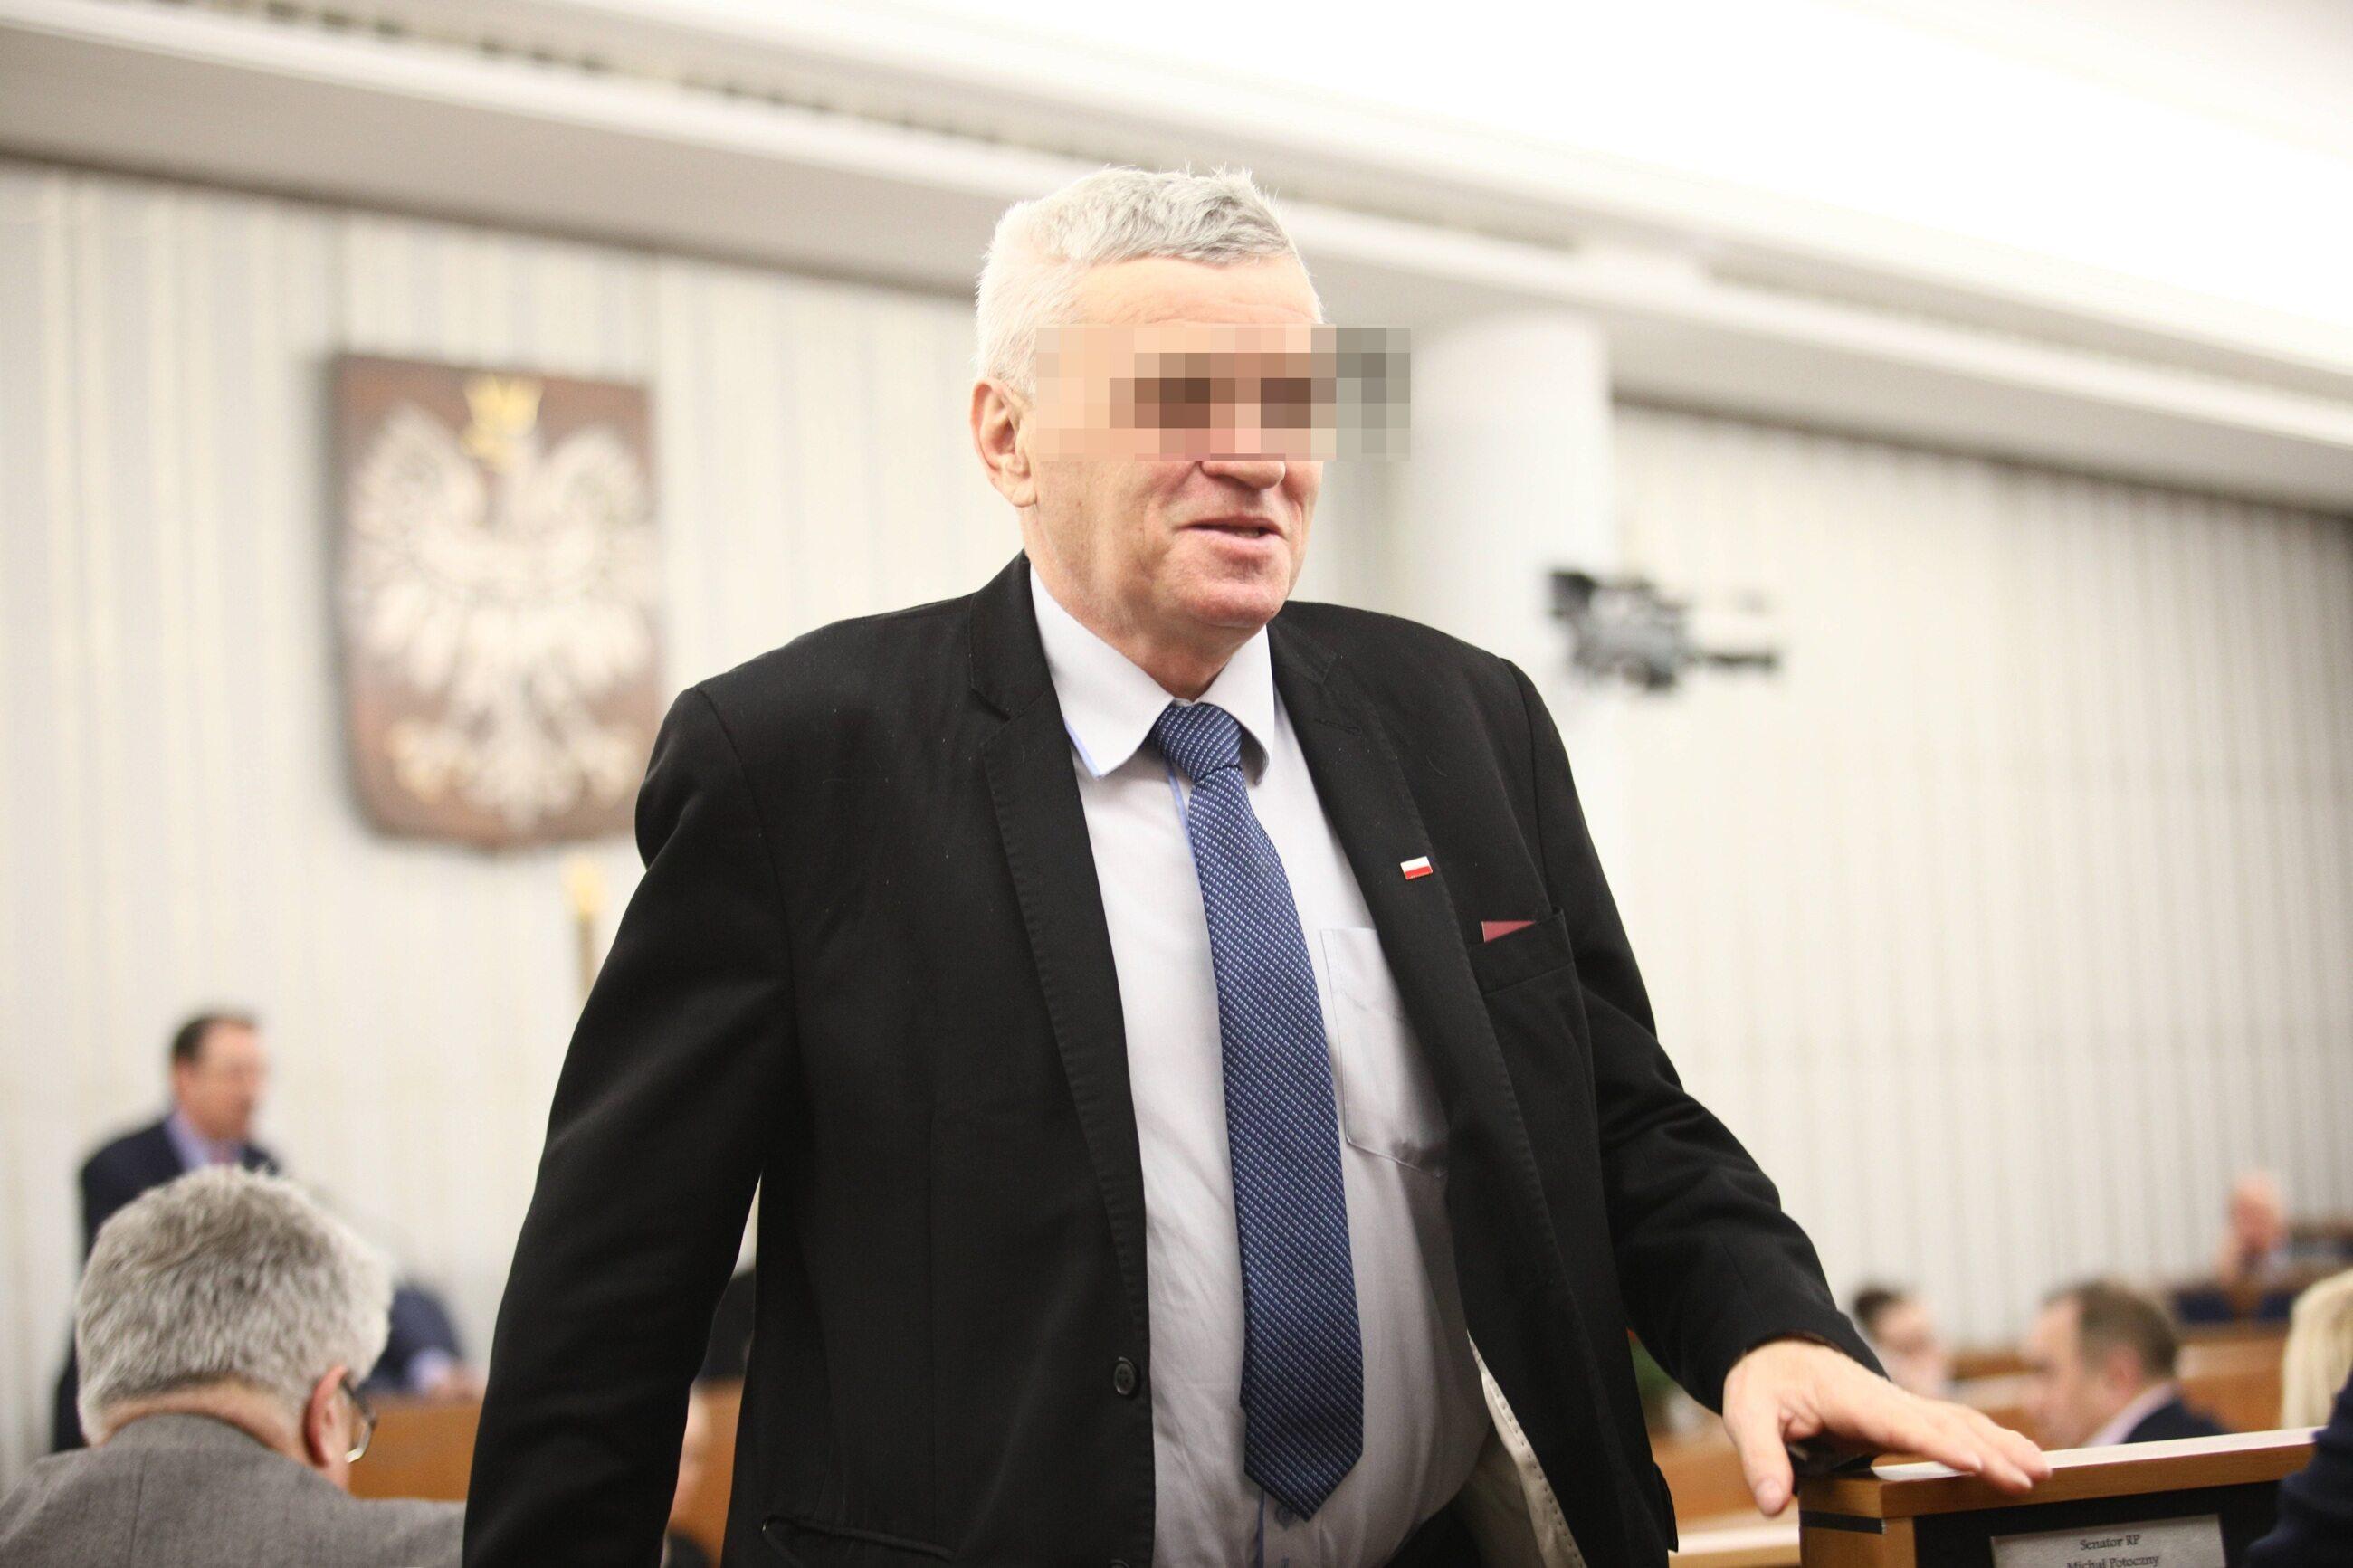 CBA zatrzymało byłego senatora PiS Stanisława K. i jego syna, a także dyrektor małopolskiego oddziału Państwowego Funduszu Rehabilitacji Osób Niepełnosprawnych.